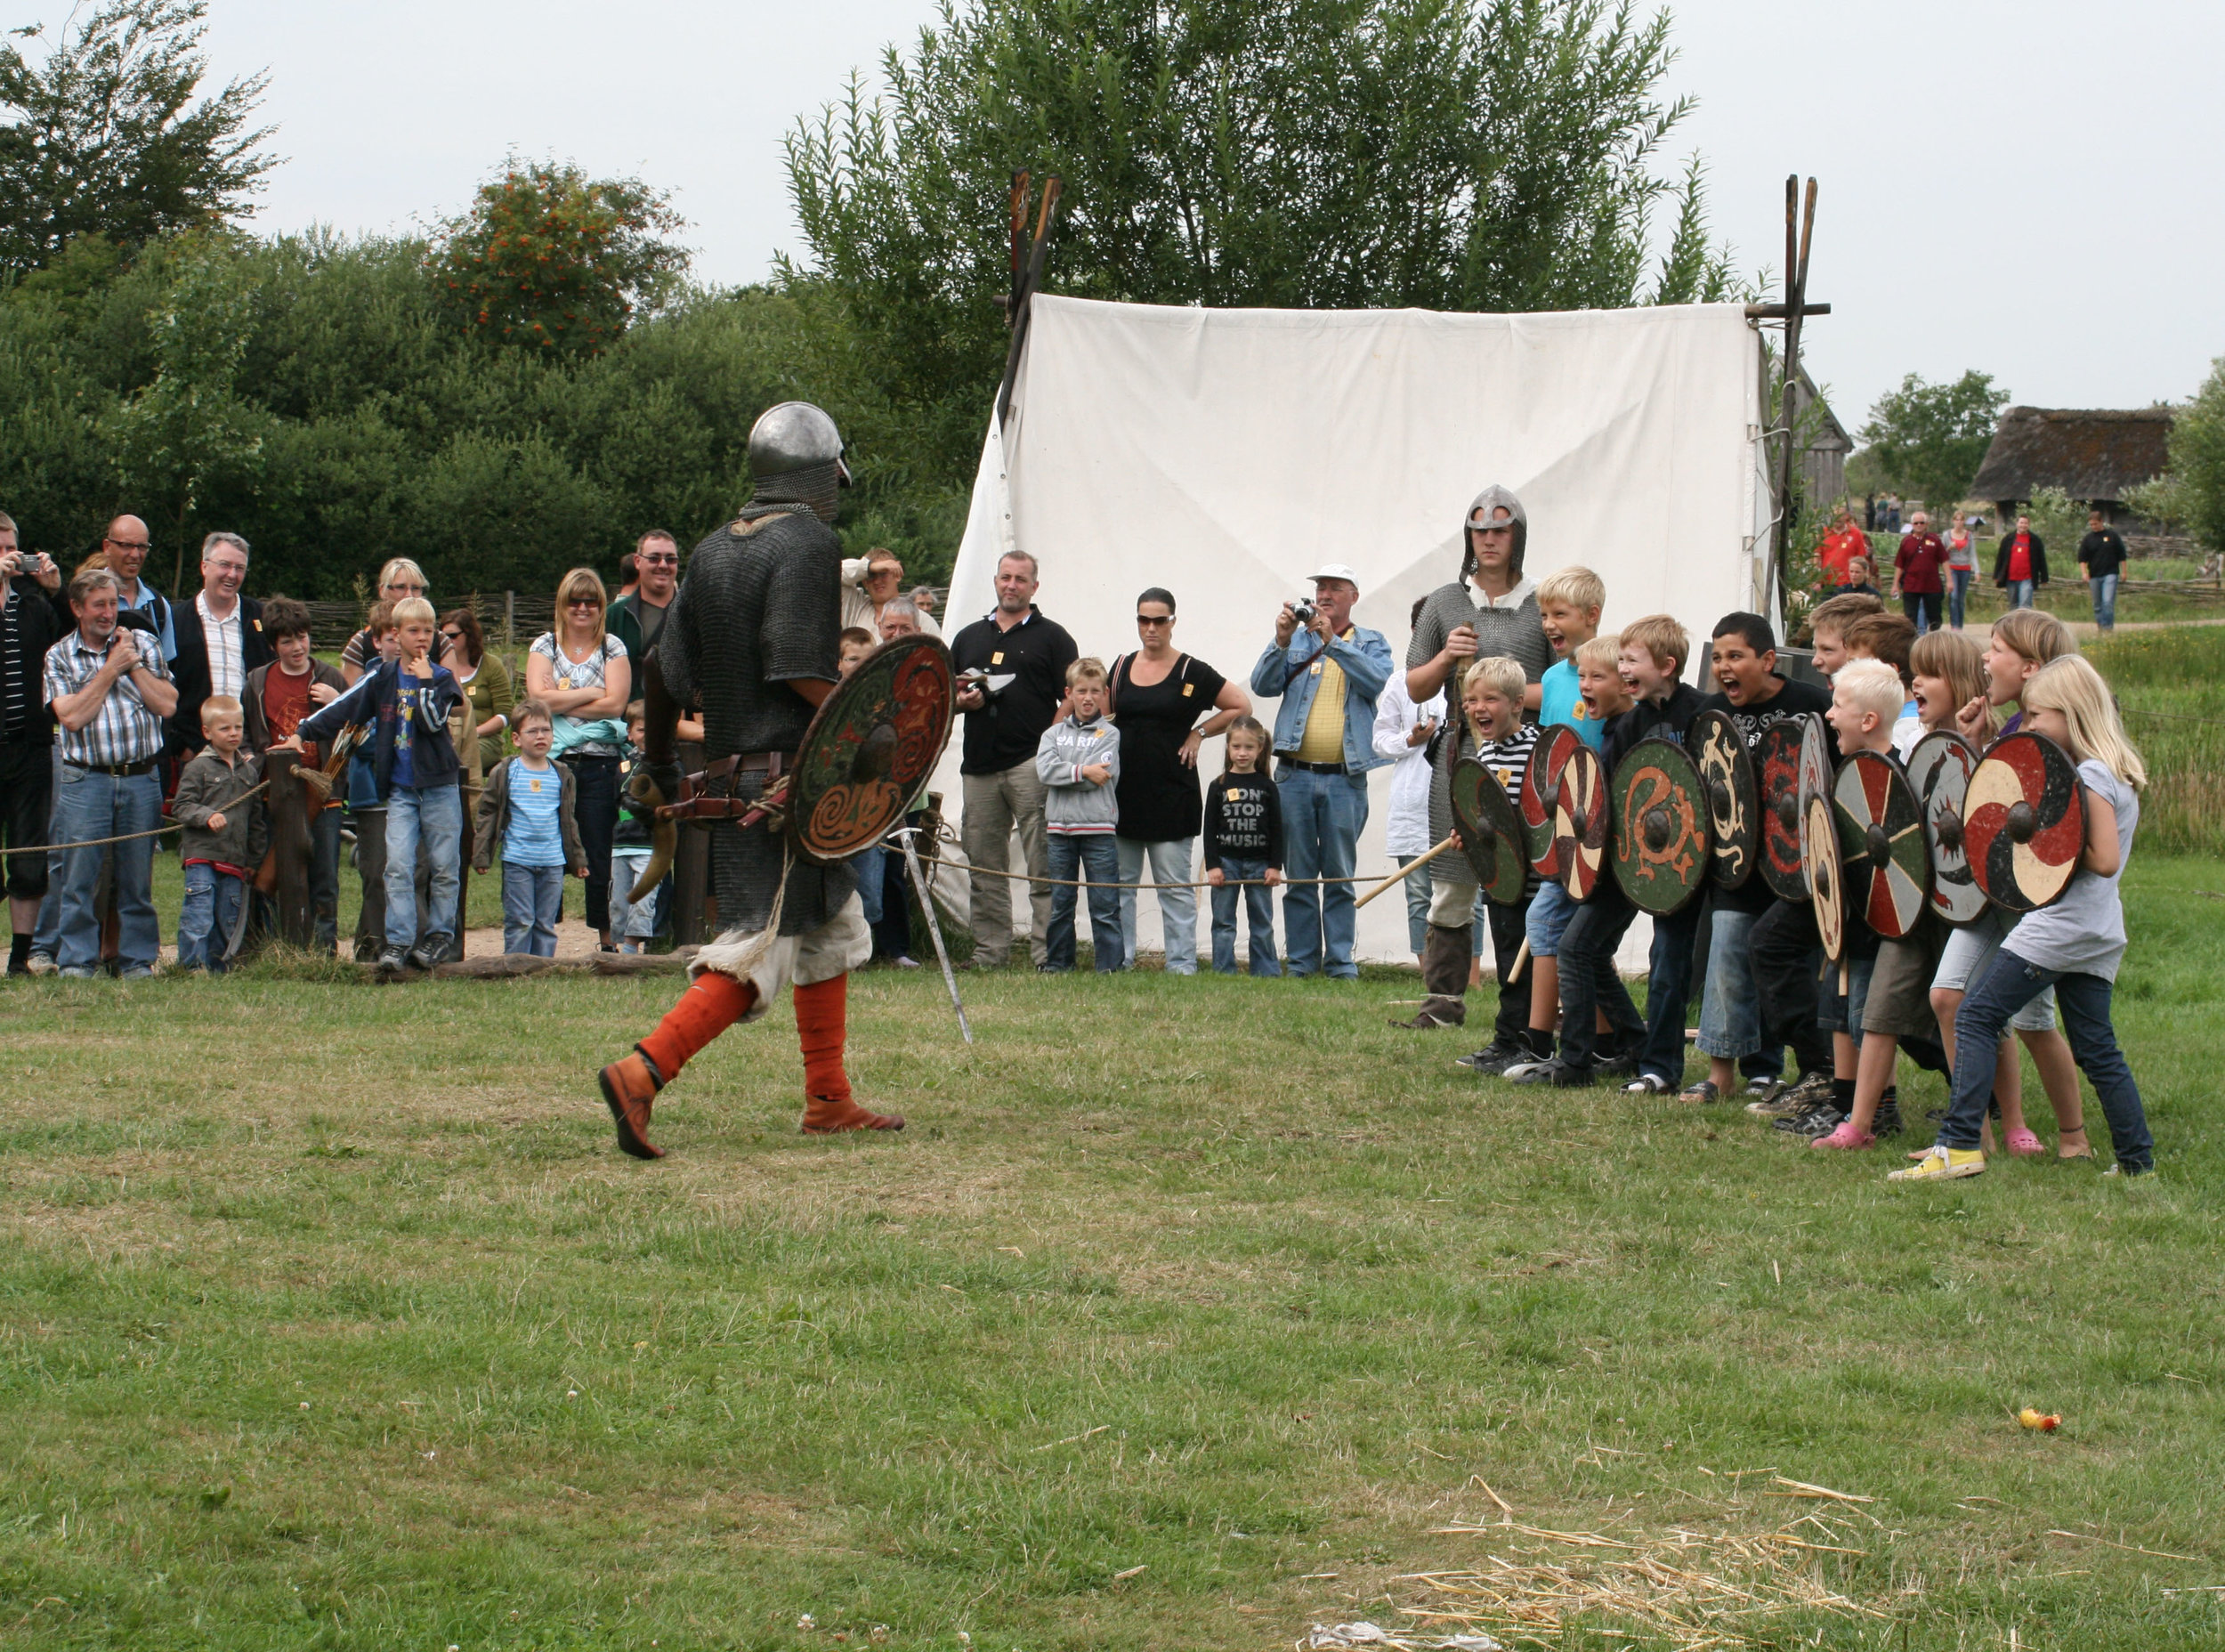 Skoleelever klar til krigertræning i Ribe Vikingecenter, der tilbyder forskellige undervisningsforløb